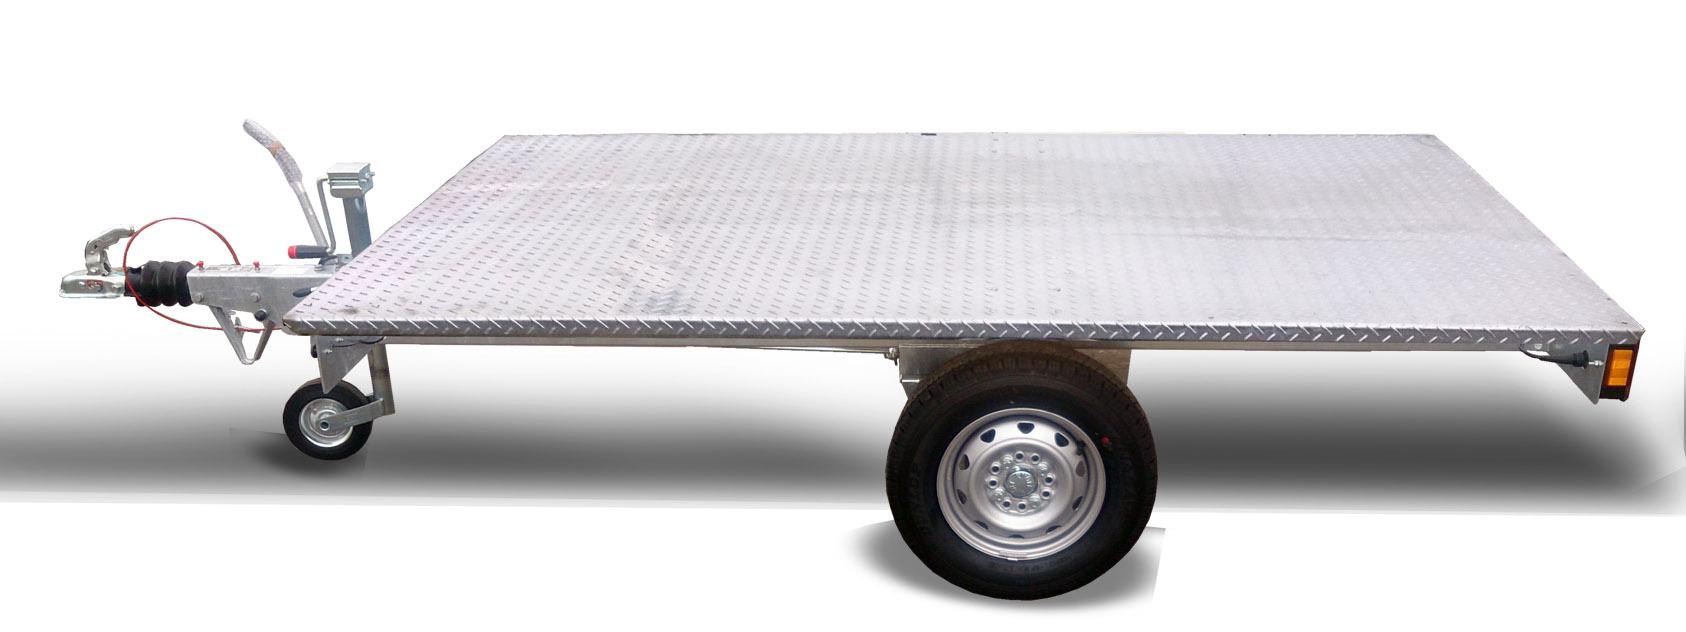 k-cargo-fl-1